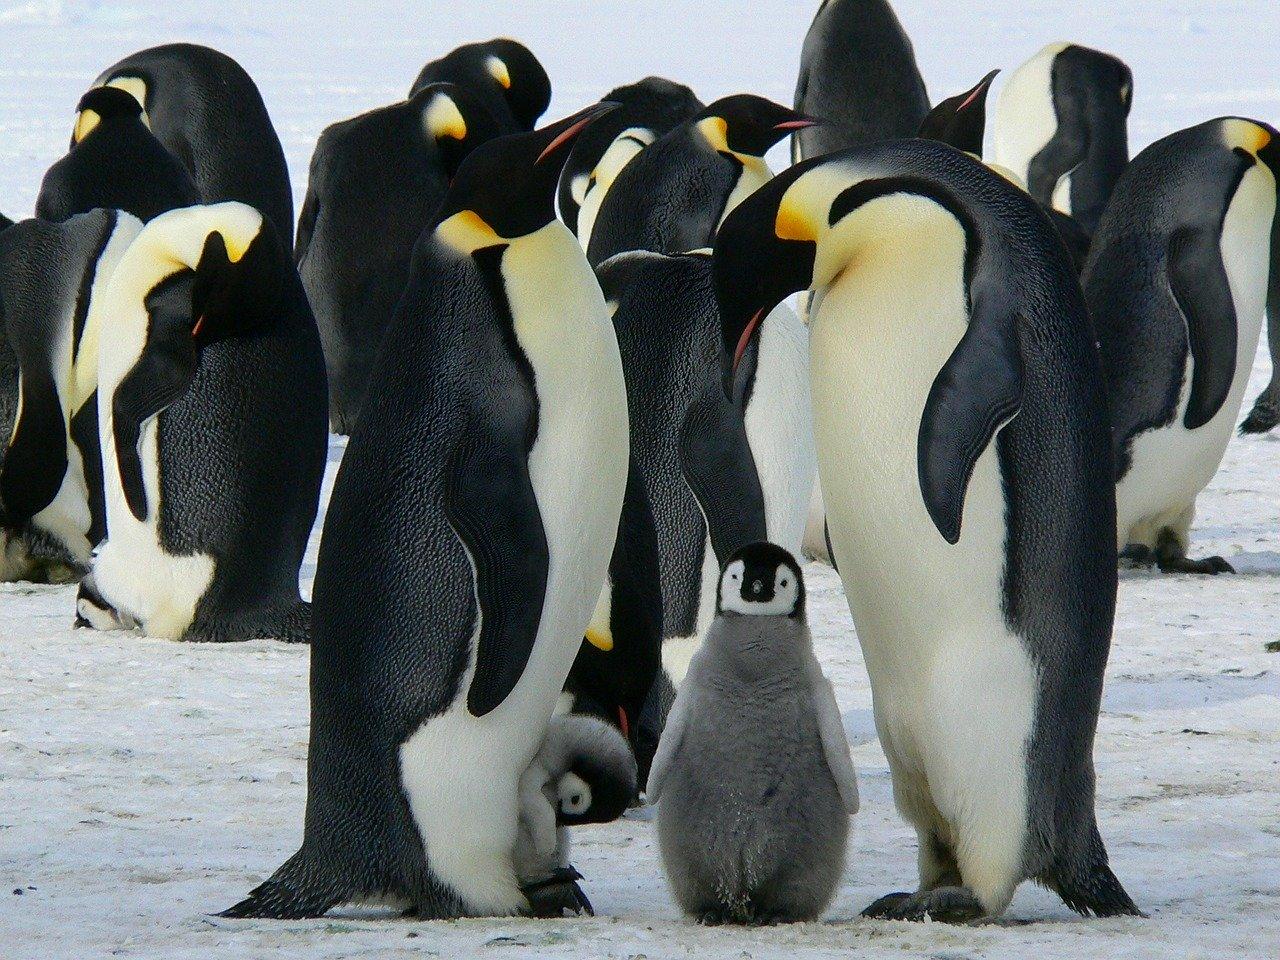 Pinguin Steckbrief – Bilder, Verhalten, Rassen und Arten